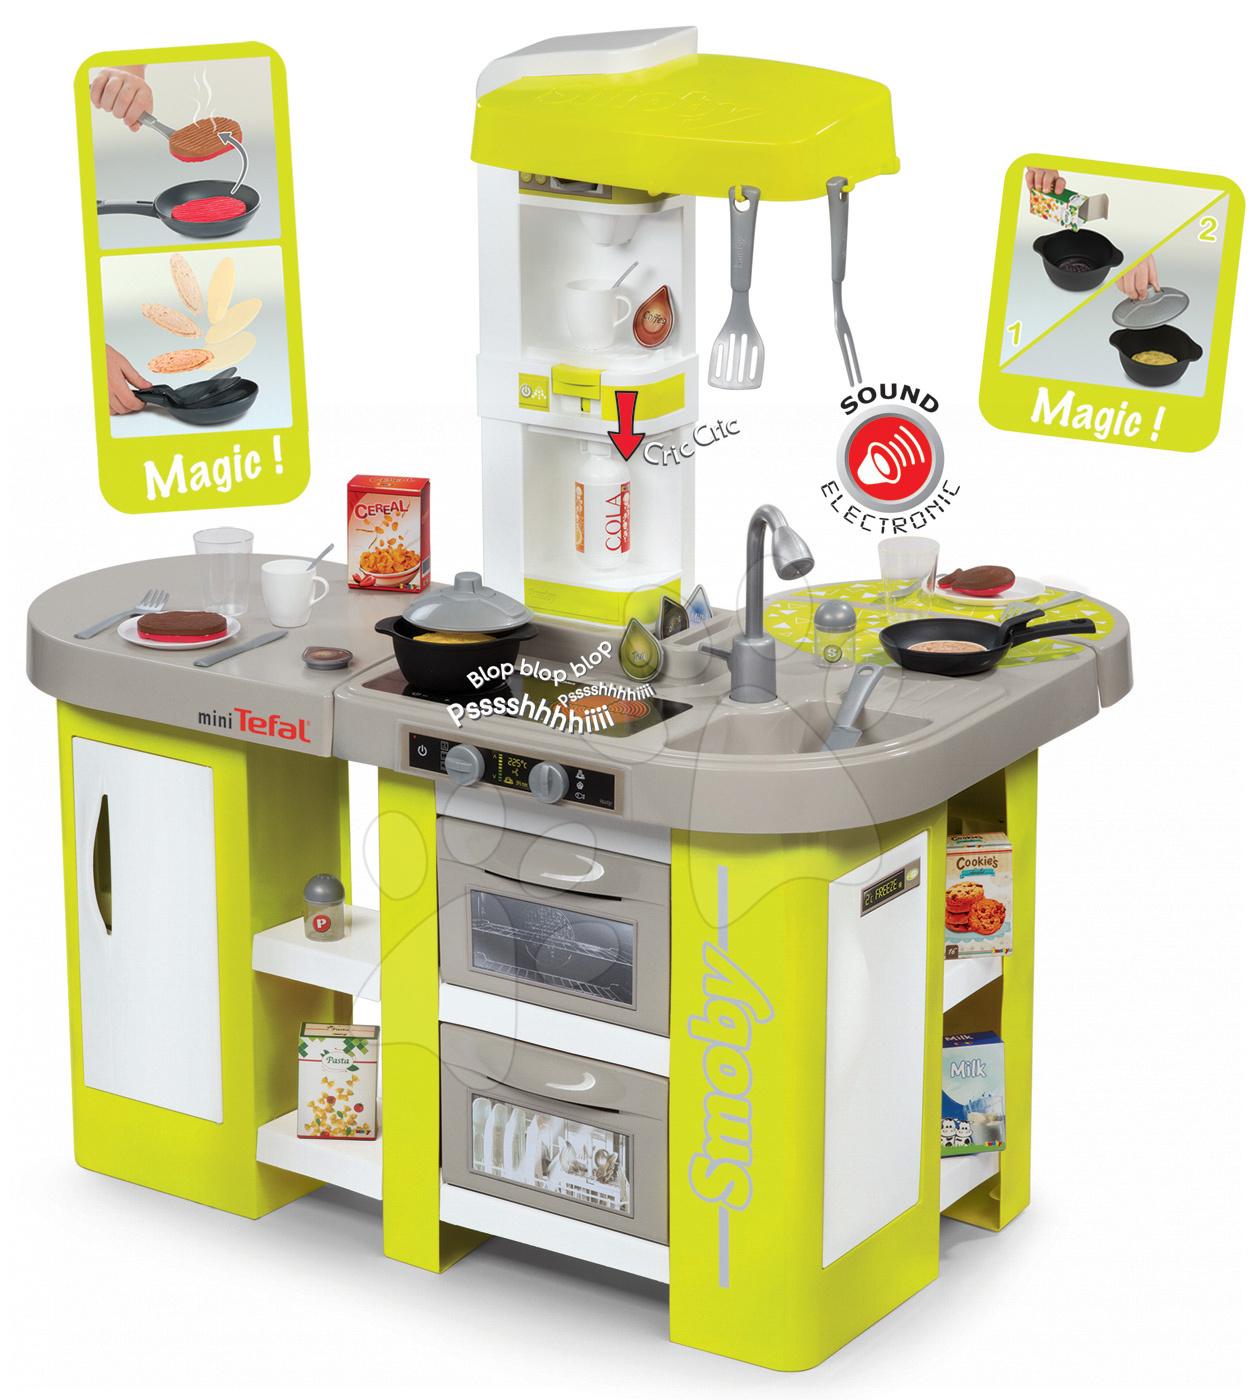 Kuhinja Tefal Studio XL Smoby elektronska s čarobnimi testeninami, sodo, kavnim avtomatom in 36 dodatki zeleno-bež